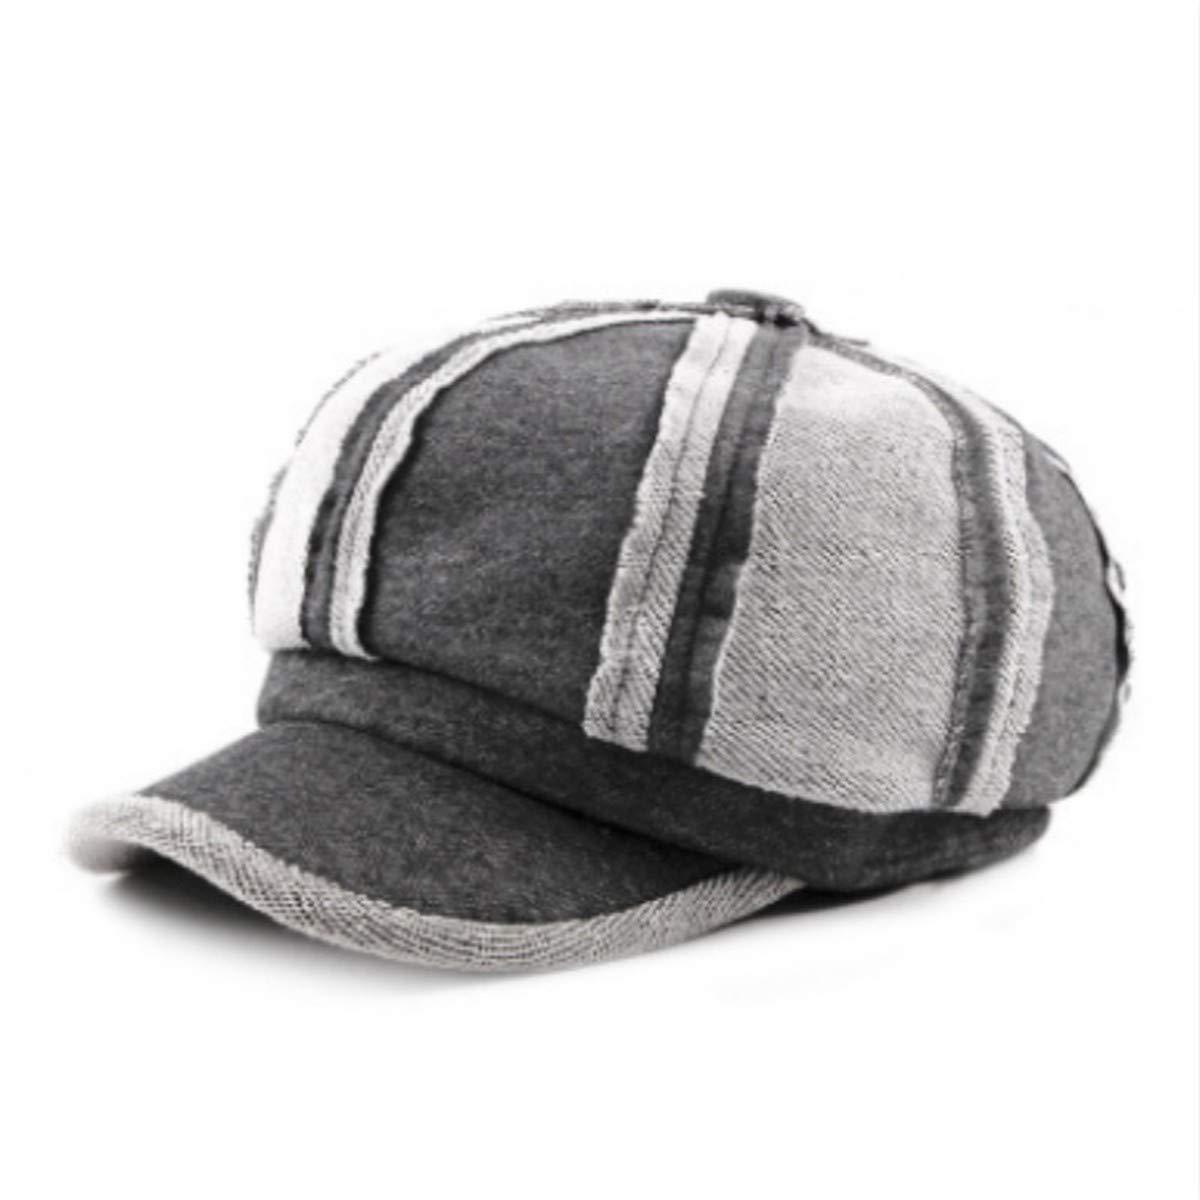 KDFLGE cappello Berretto da Donna in Cotone Patchwork Casual Berretto da  Donna con Cappuccio Ottagonale retrò Inverno Femminile 2e613635e4c6